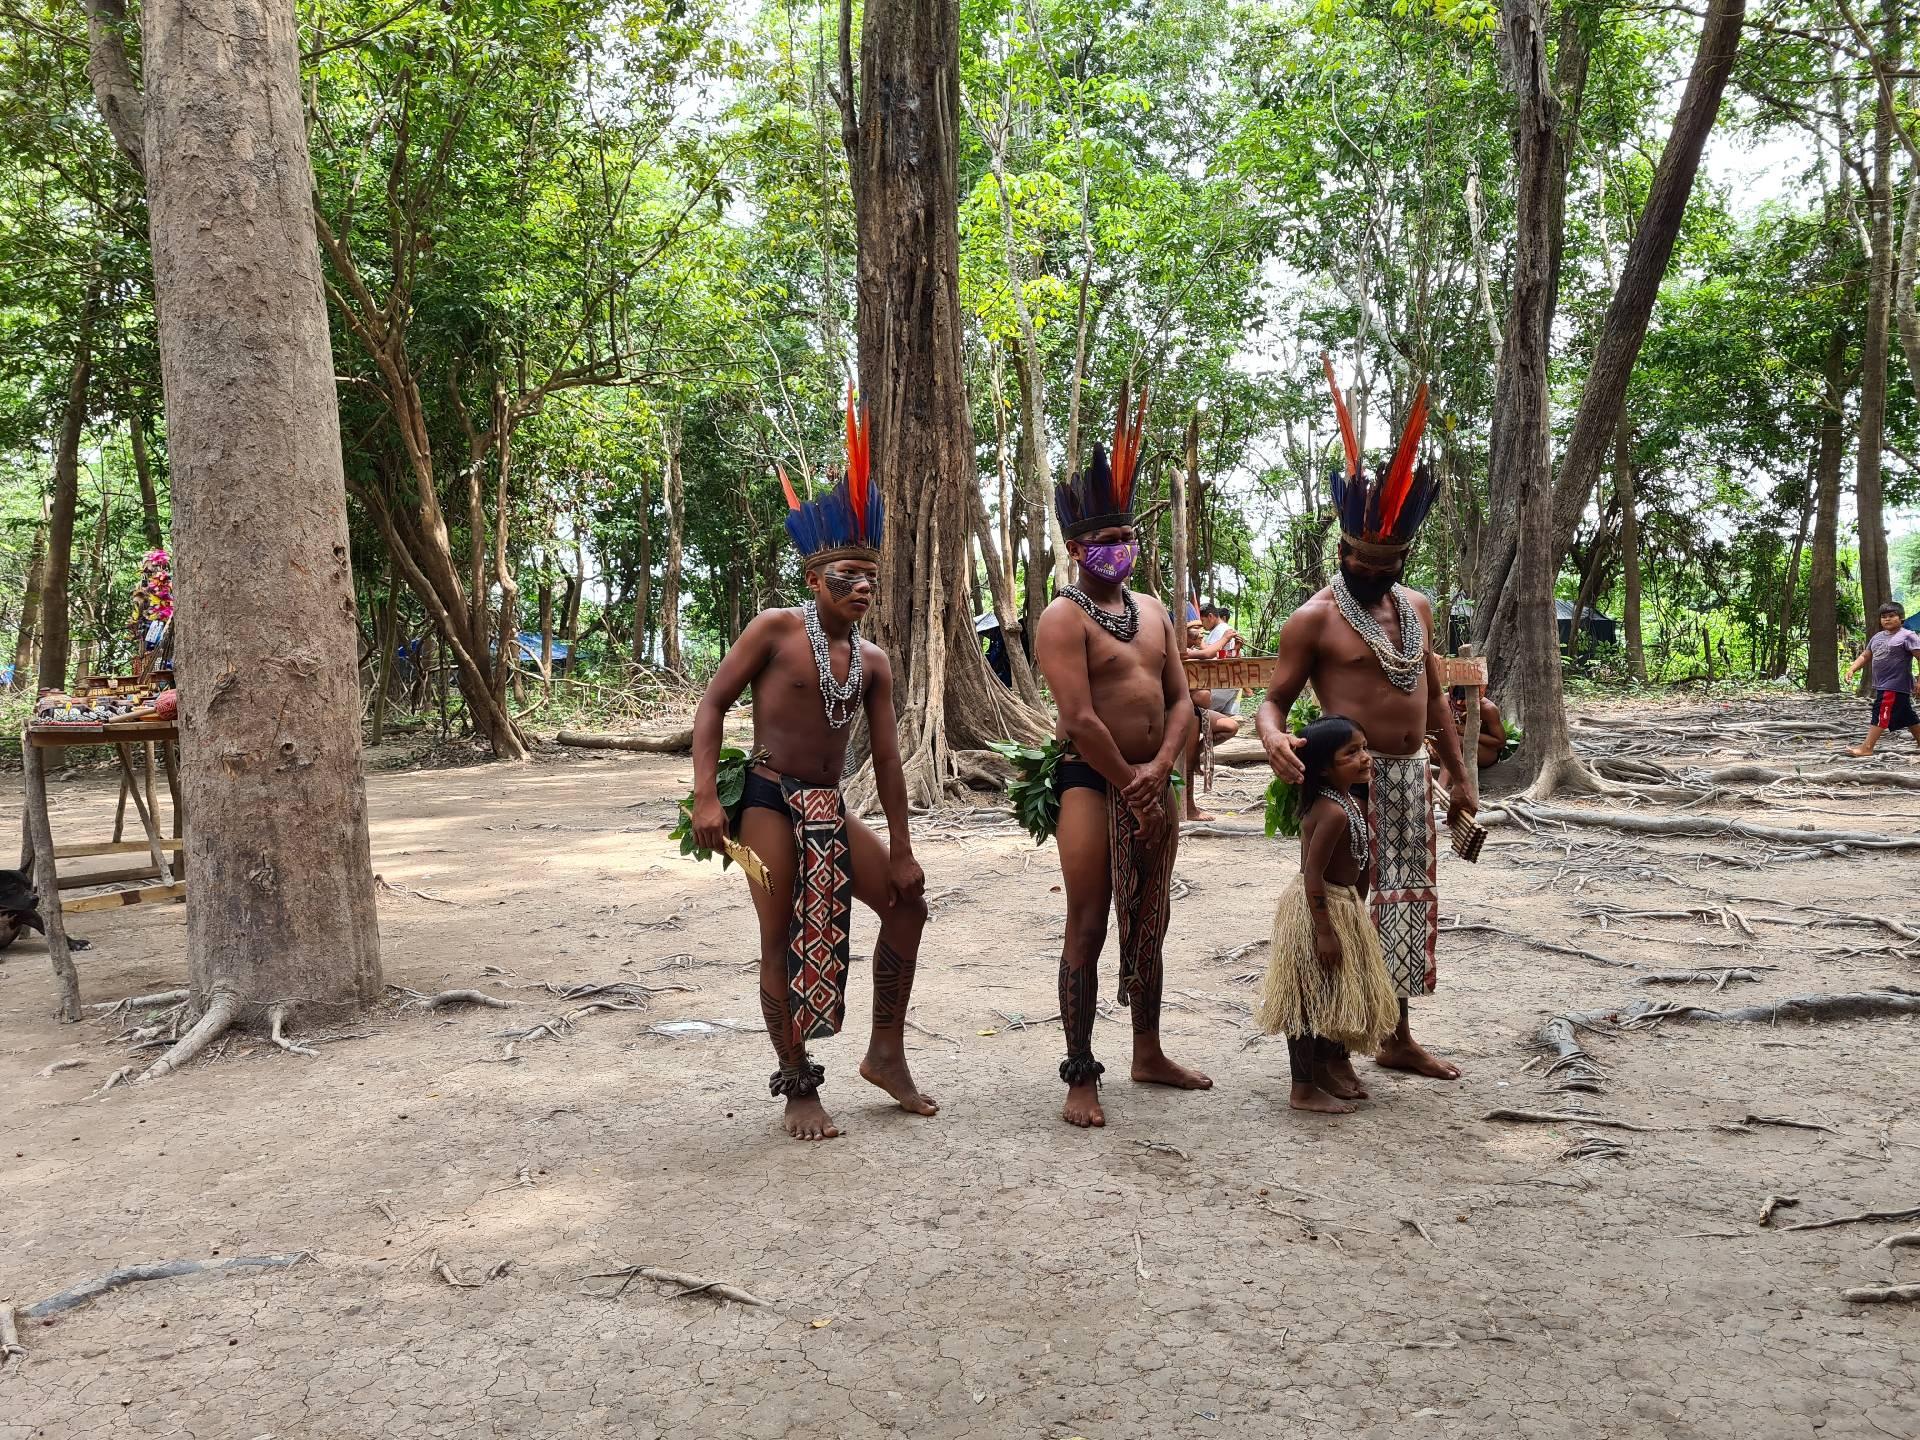 мужчины племени индейцев Южной Америки